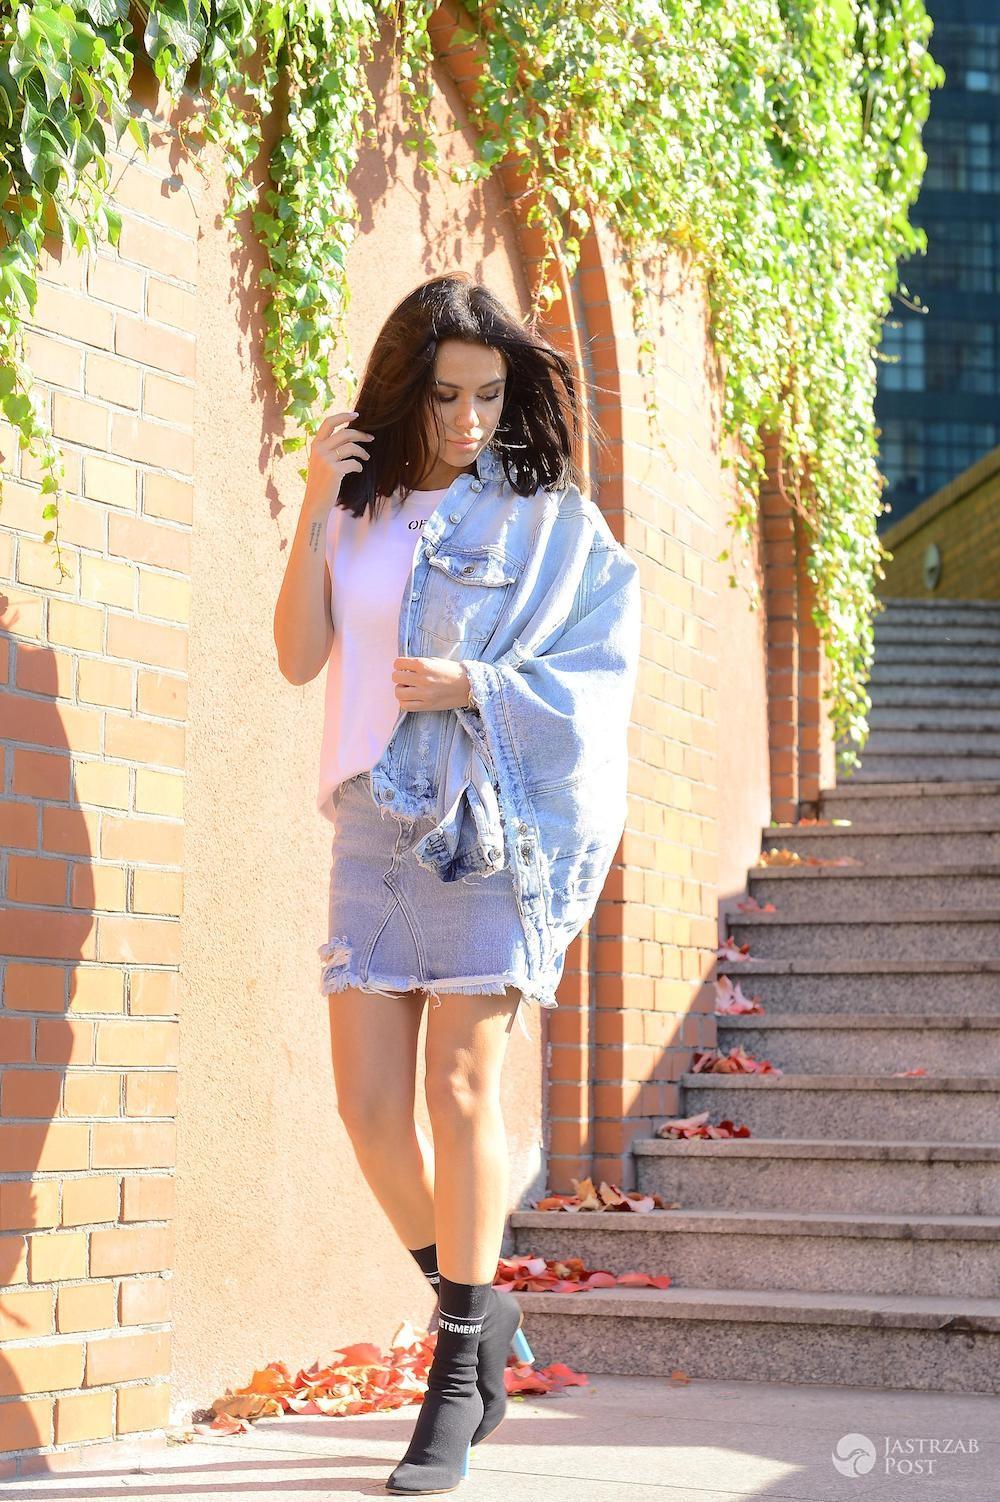 Natalia Siwiec promuje lakiery do paznokci INDIGO